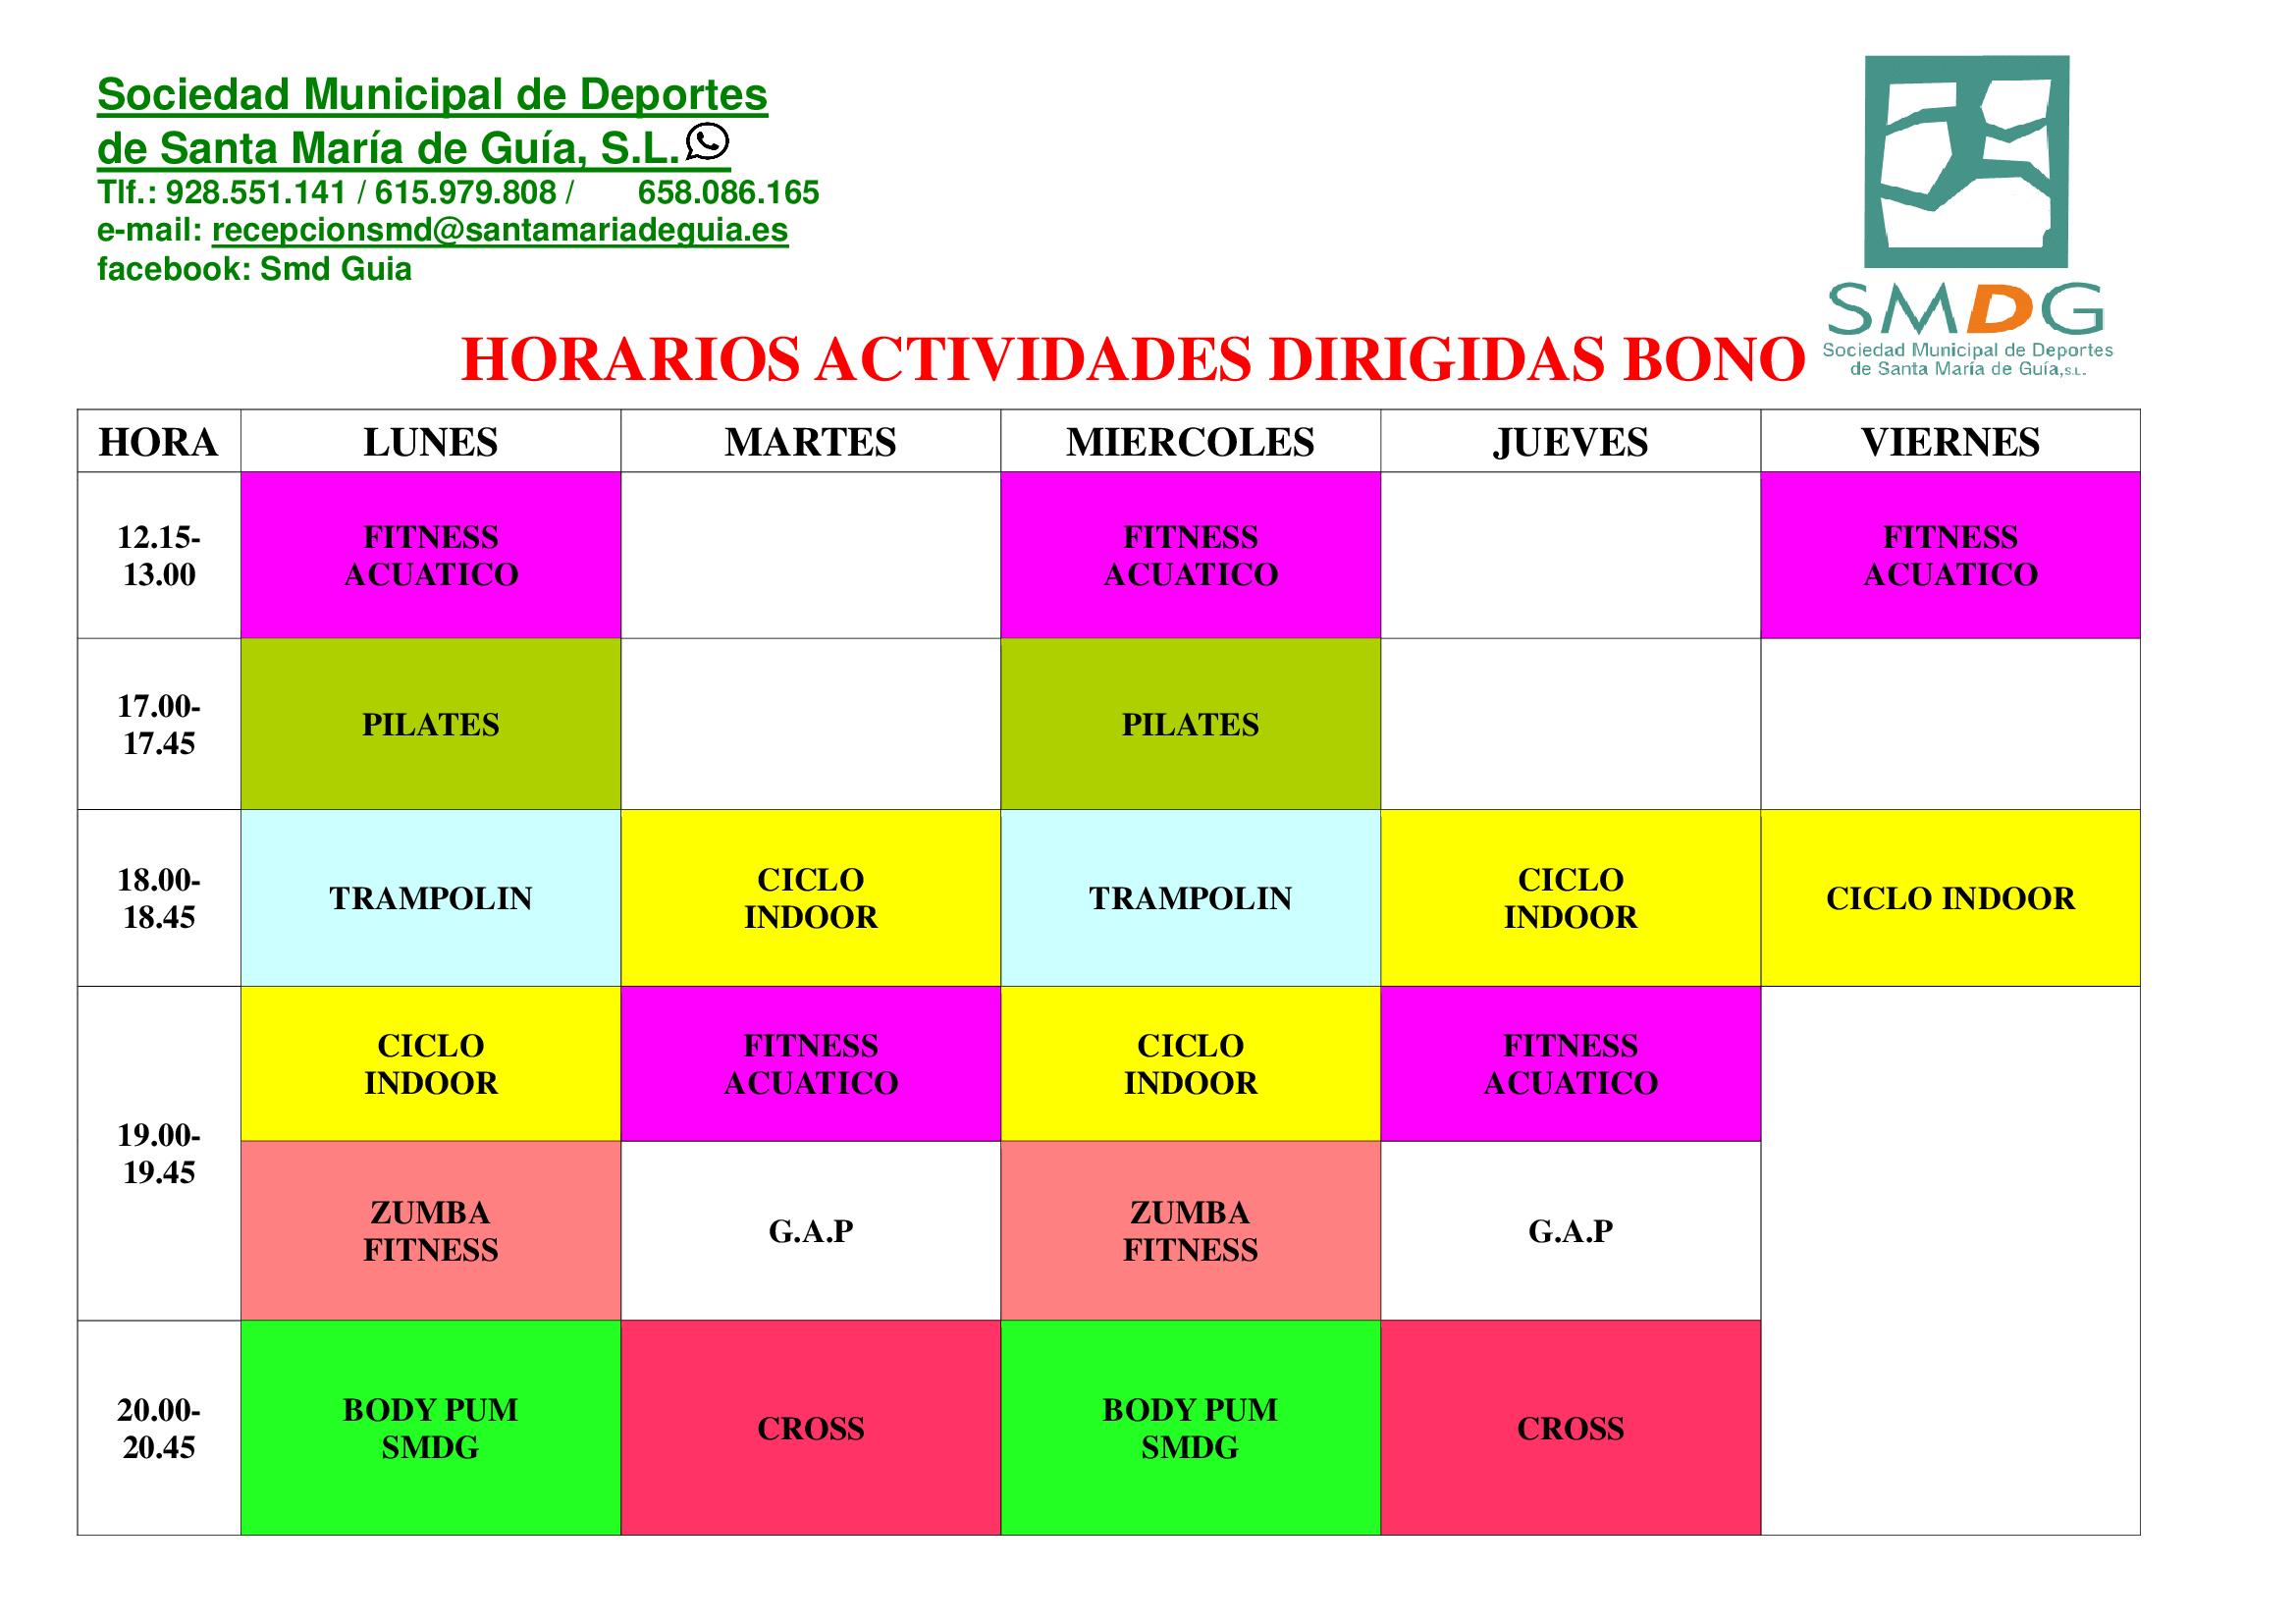 HORARIOS-ACTIVIDADES-DIRIGIDAS-JULIO